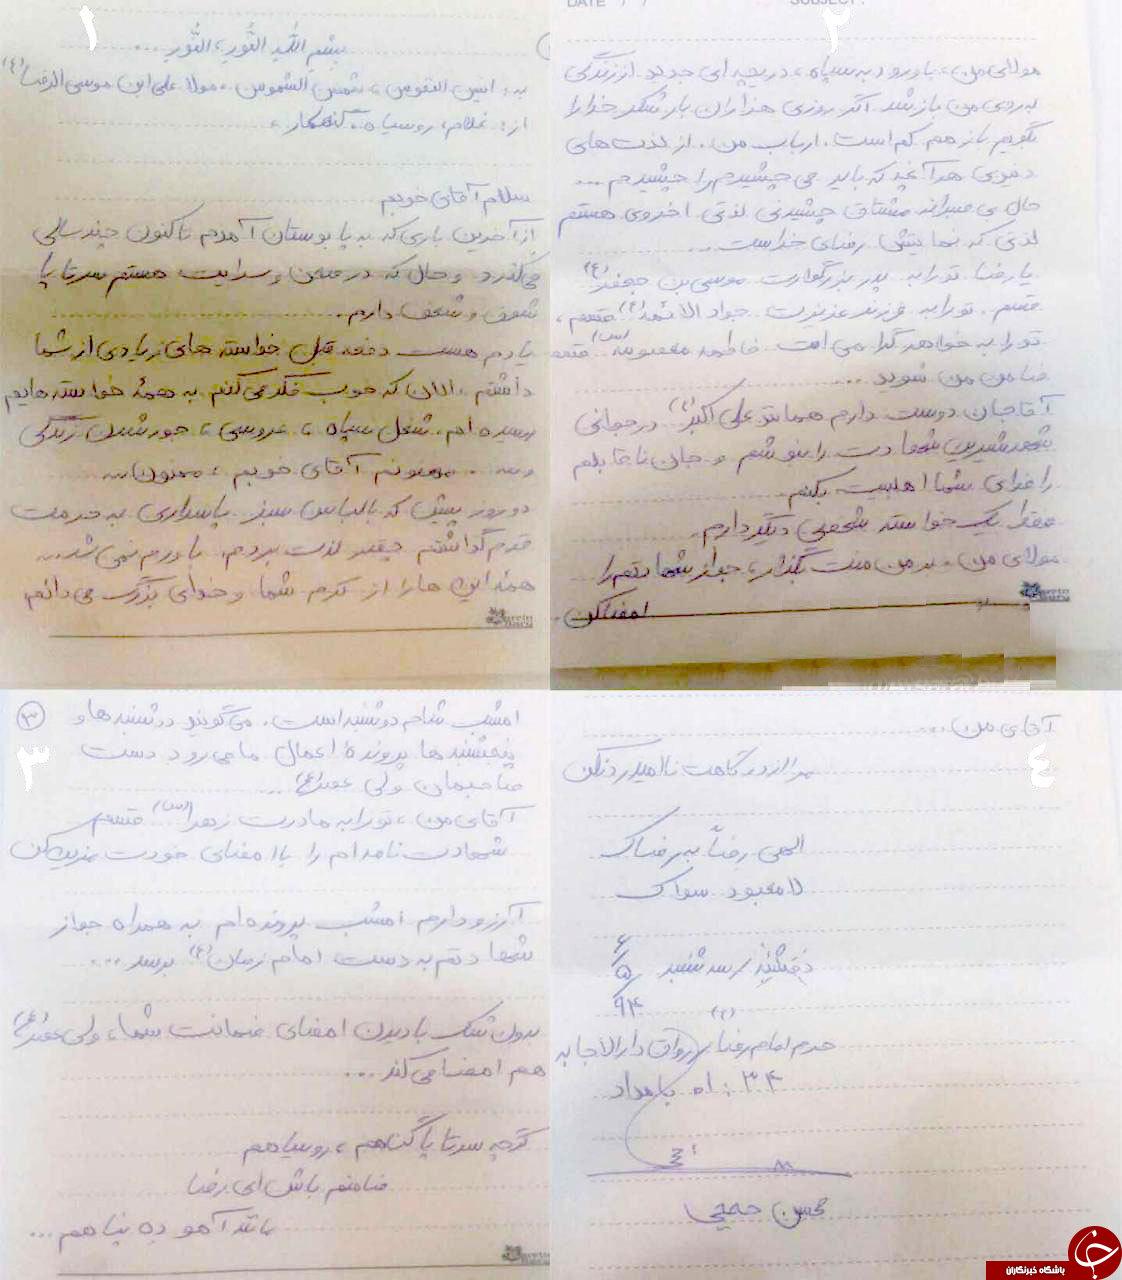 نامه سوزناک شهید حججی به امام رضا(ع)/ بر من منت بگذار و جواز شهادتم را امضا کن+ تصویر